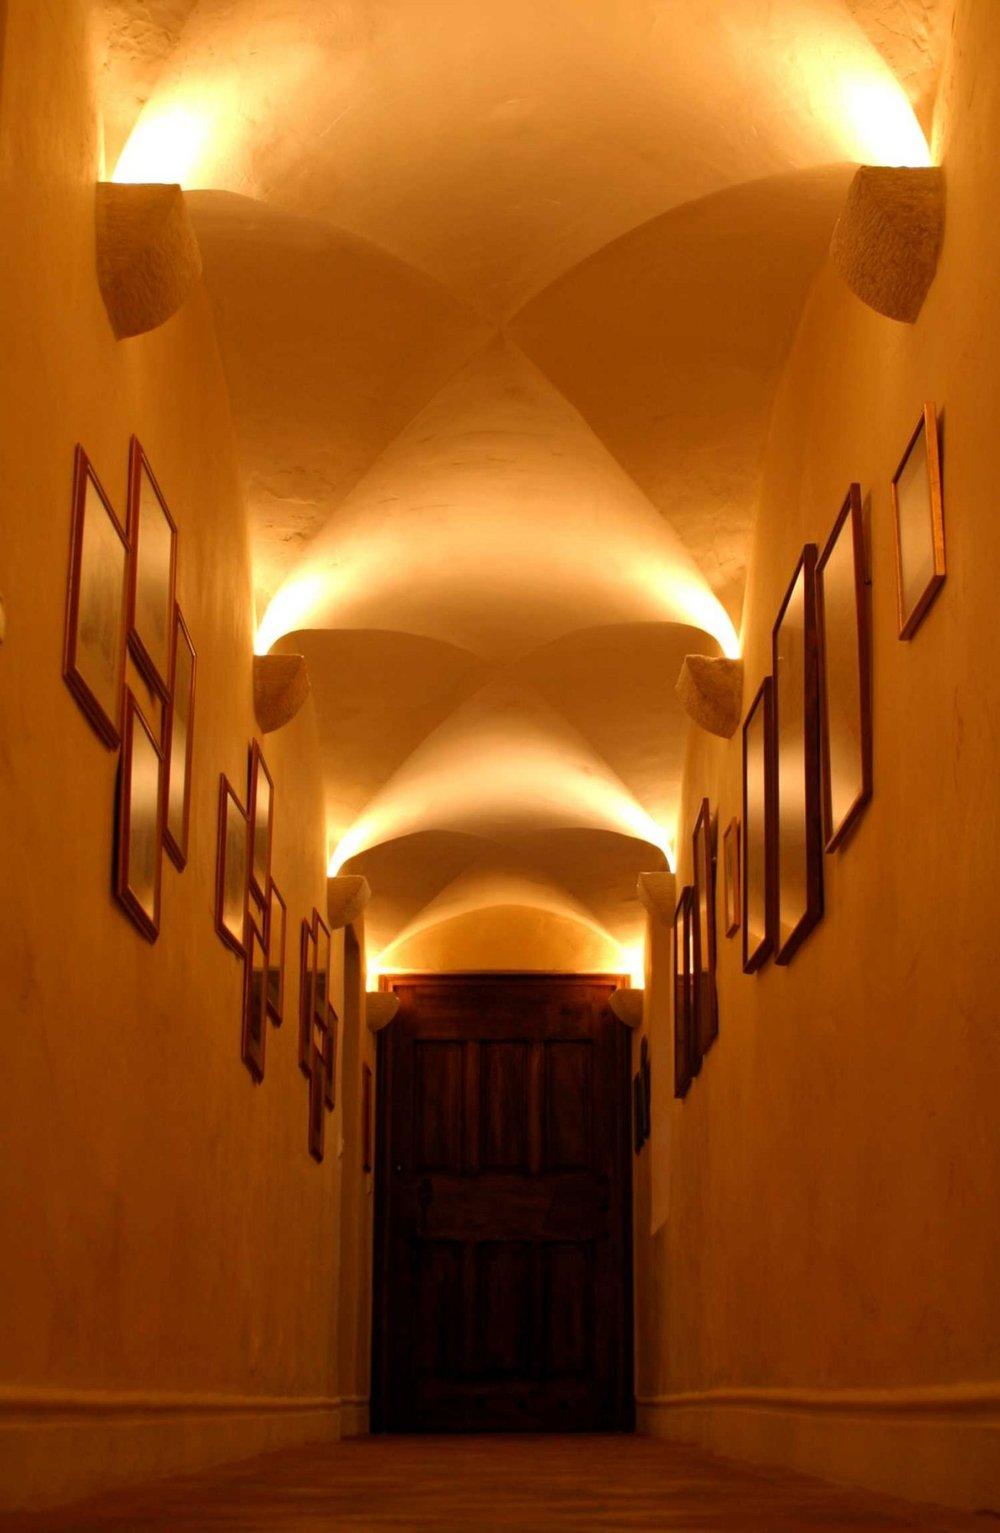 La Verriere hallway